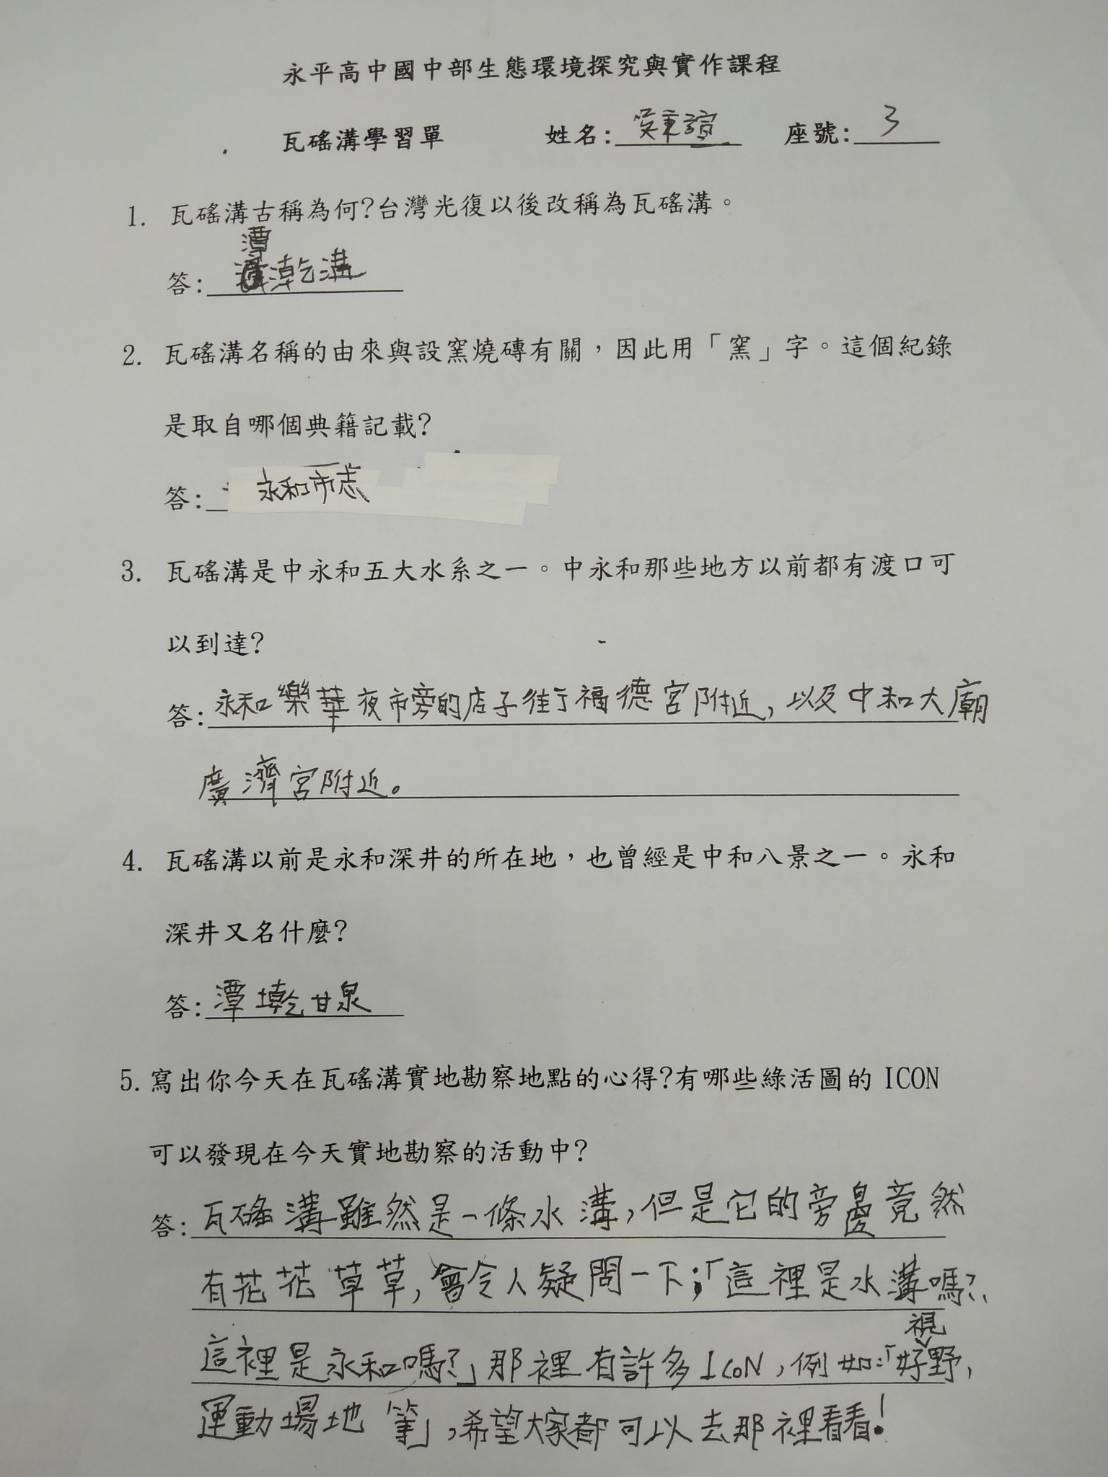 瓦磘溝學生學習單 (1)